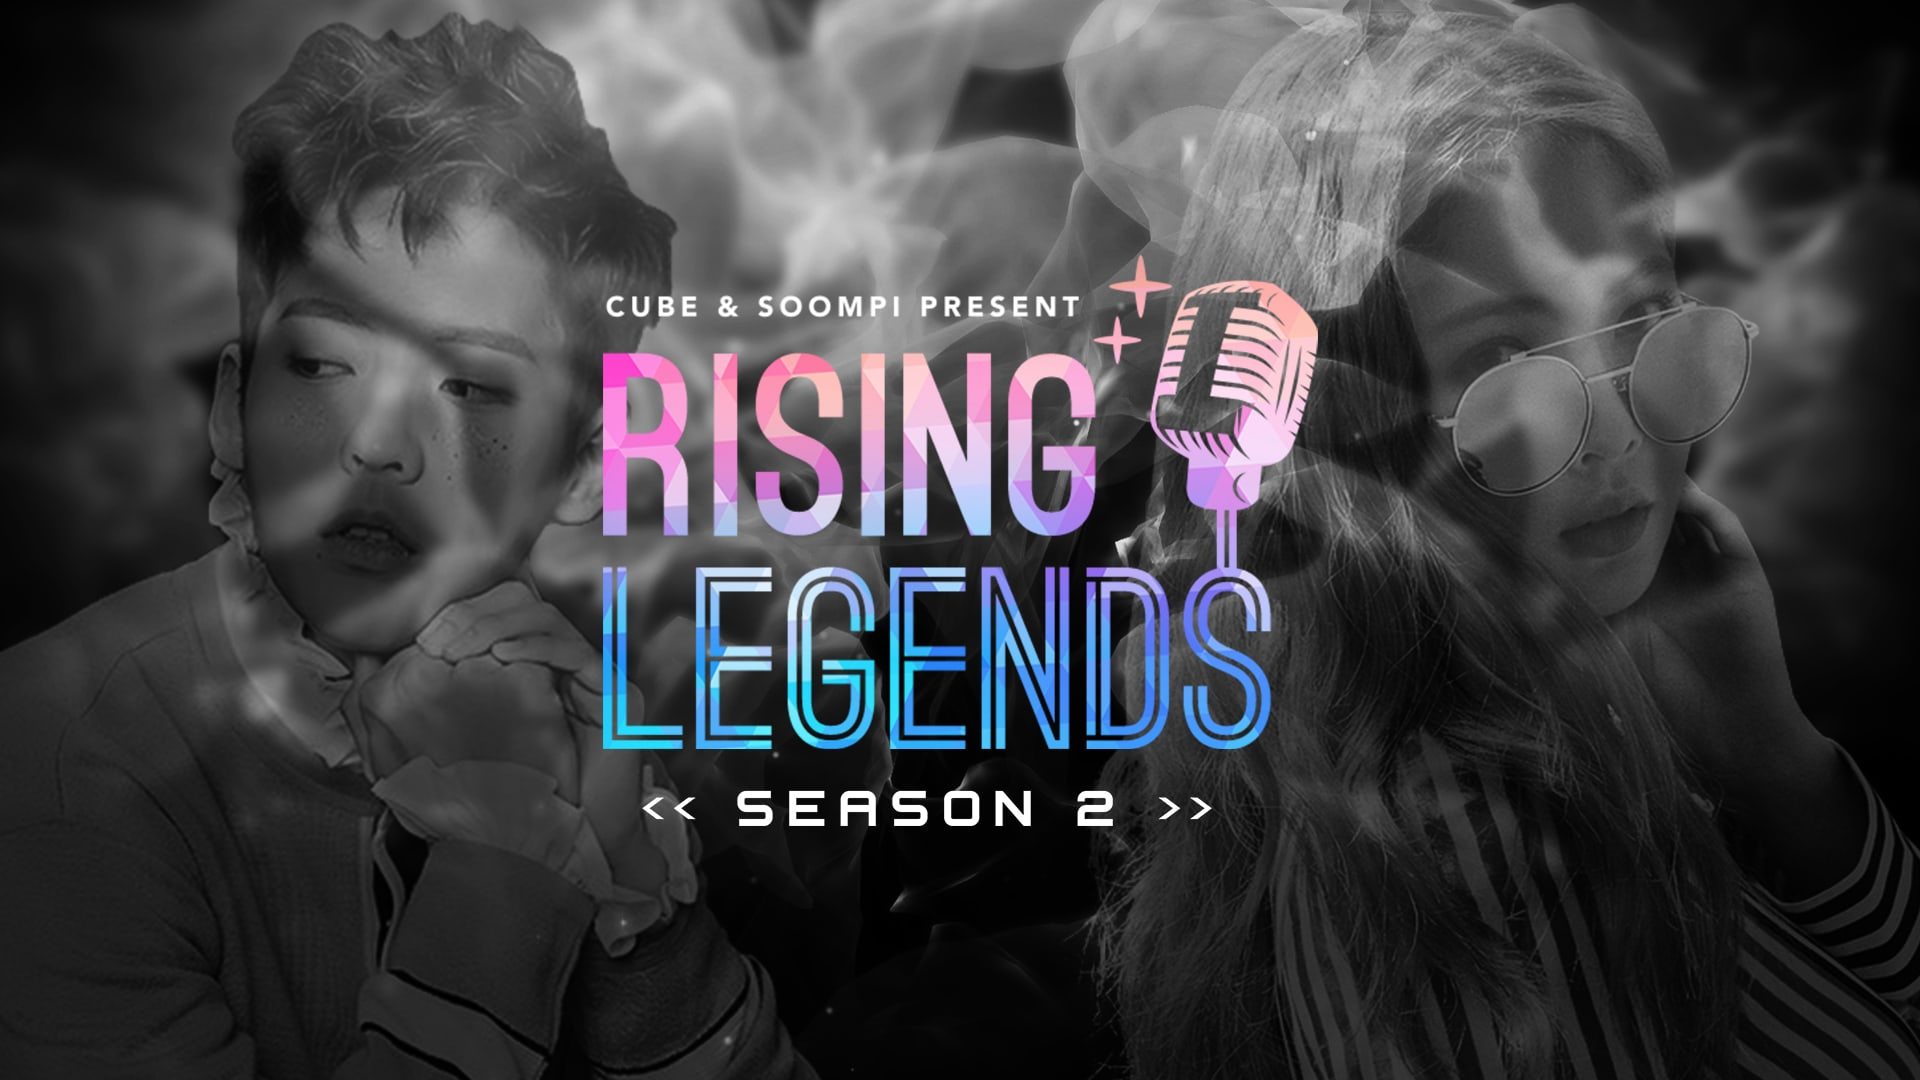 """¿Eres el siguiente? Cube Entertainment y Soompi presentan """"Rising Legends: Season Two"""""""